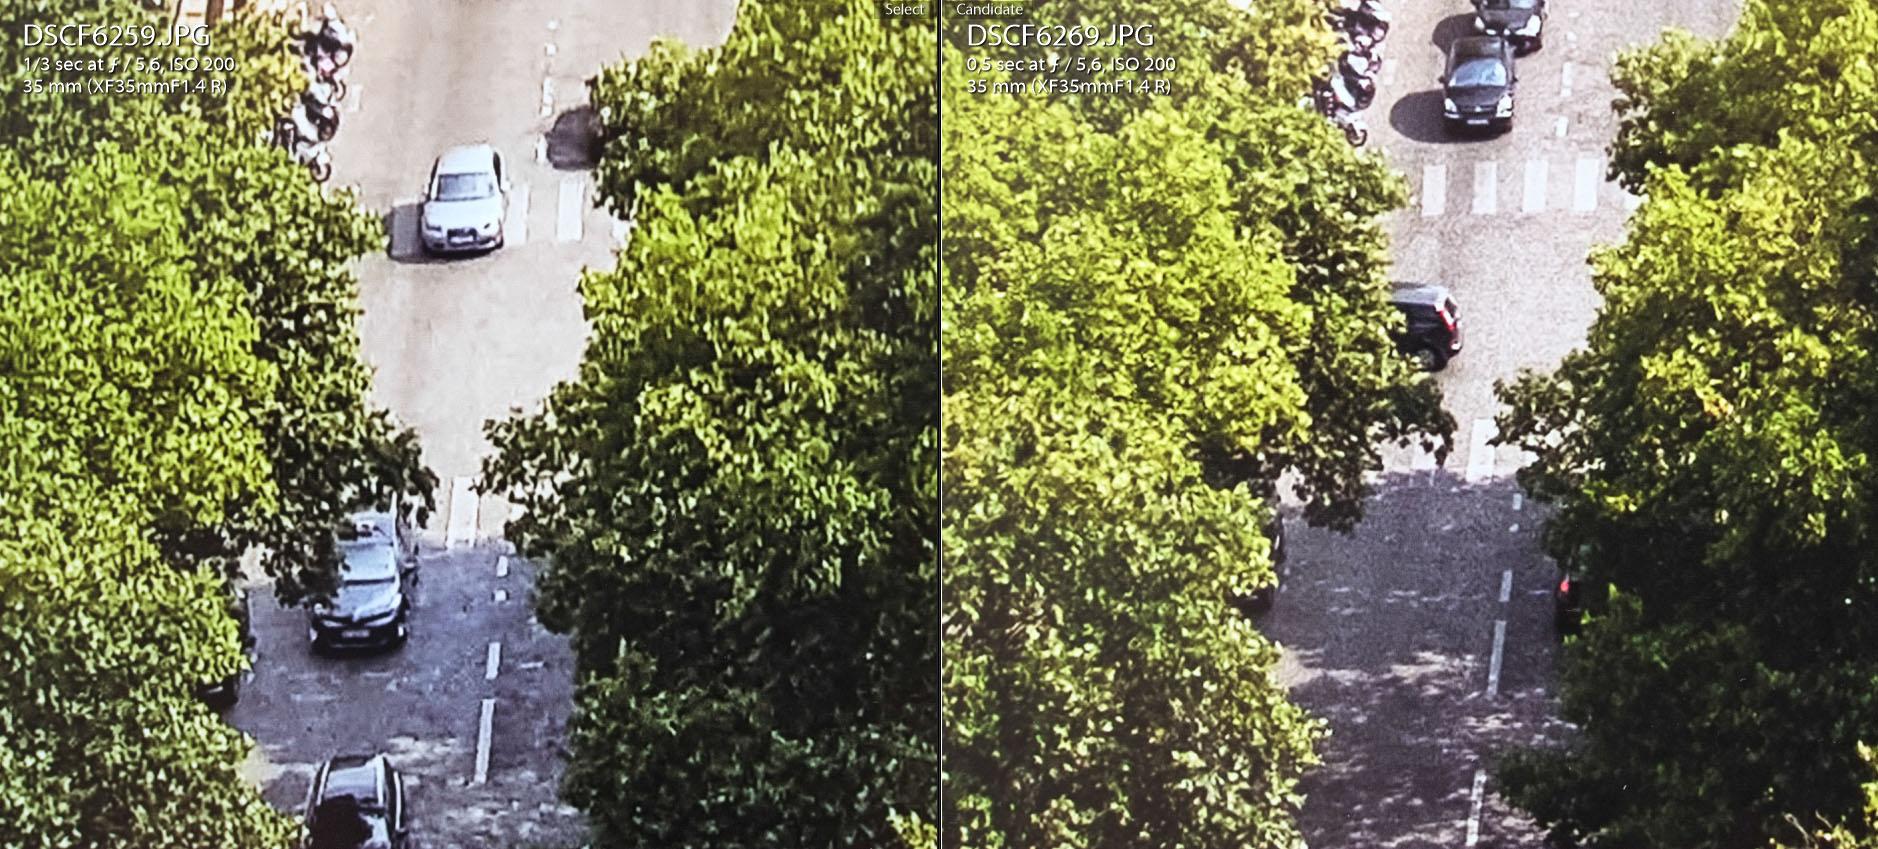 Zdjęcie wydruków wykonane z ok. 10 cm. Samsung Galaxy S6 po lewej, Fujifilm X-E1 po prawej.